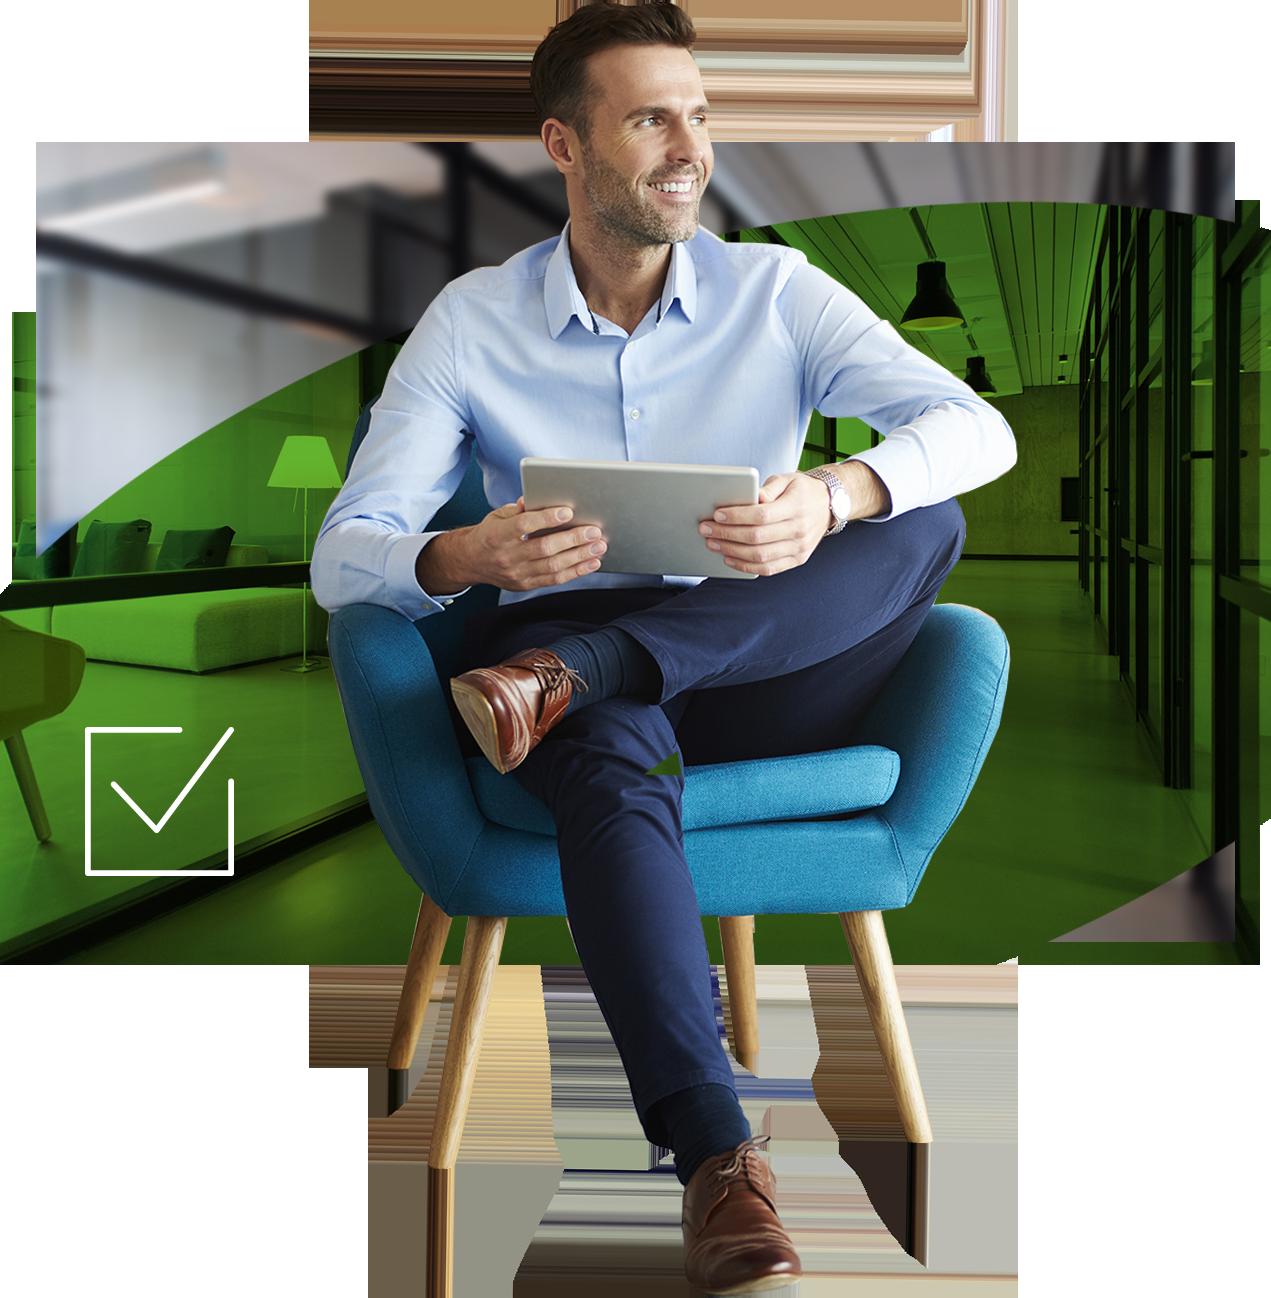 Mann mit Tablet, Grüner Hintergrund